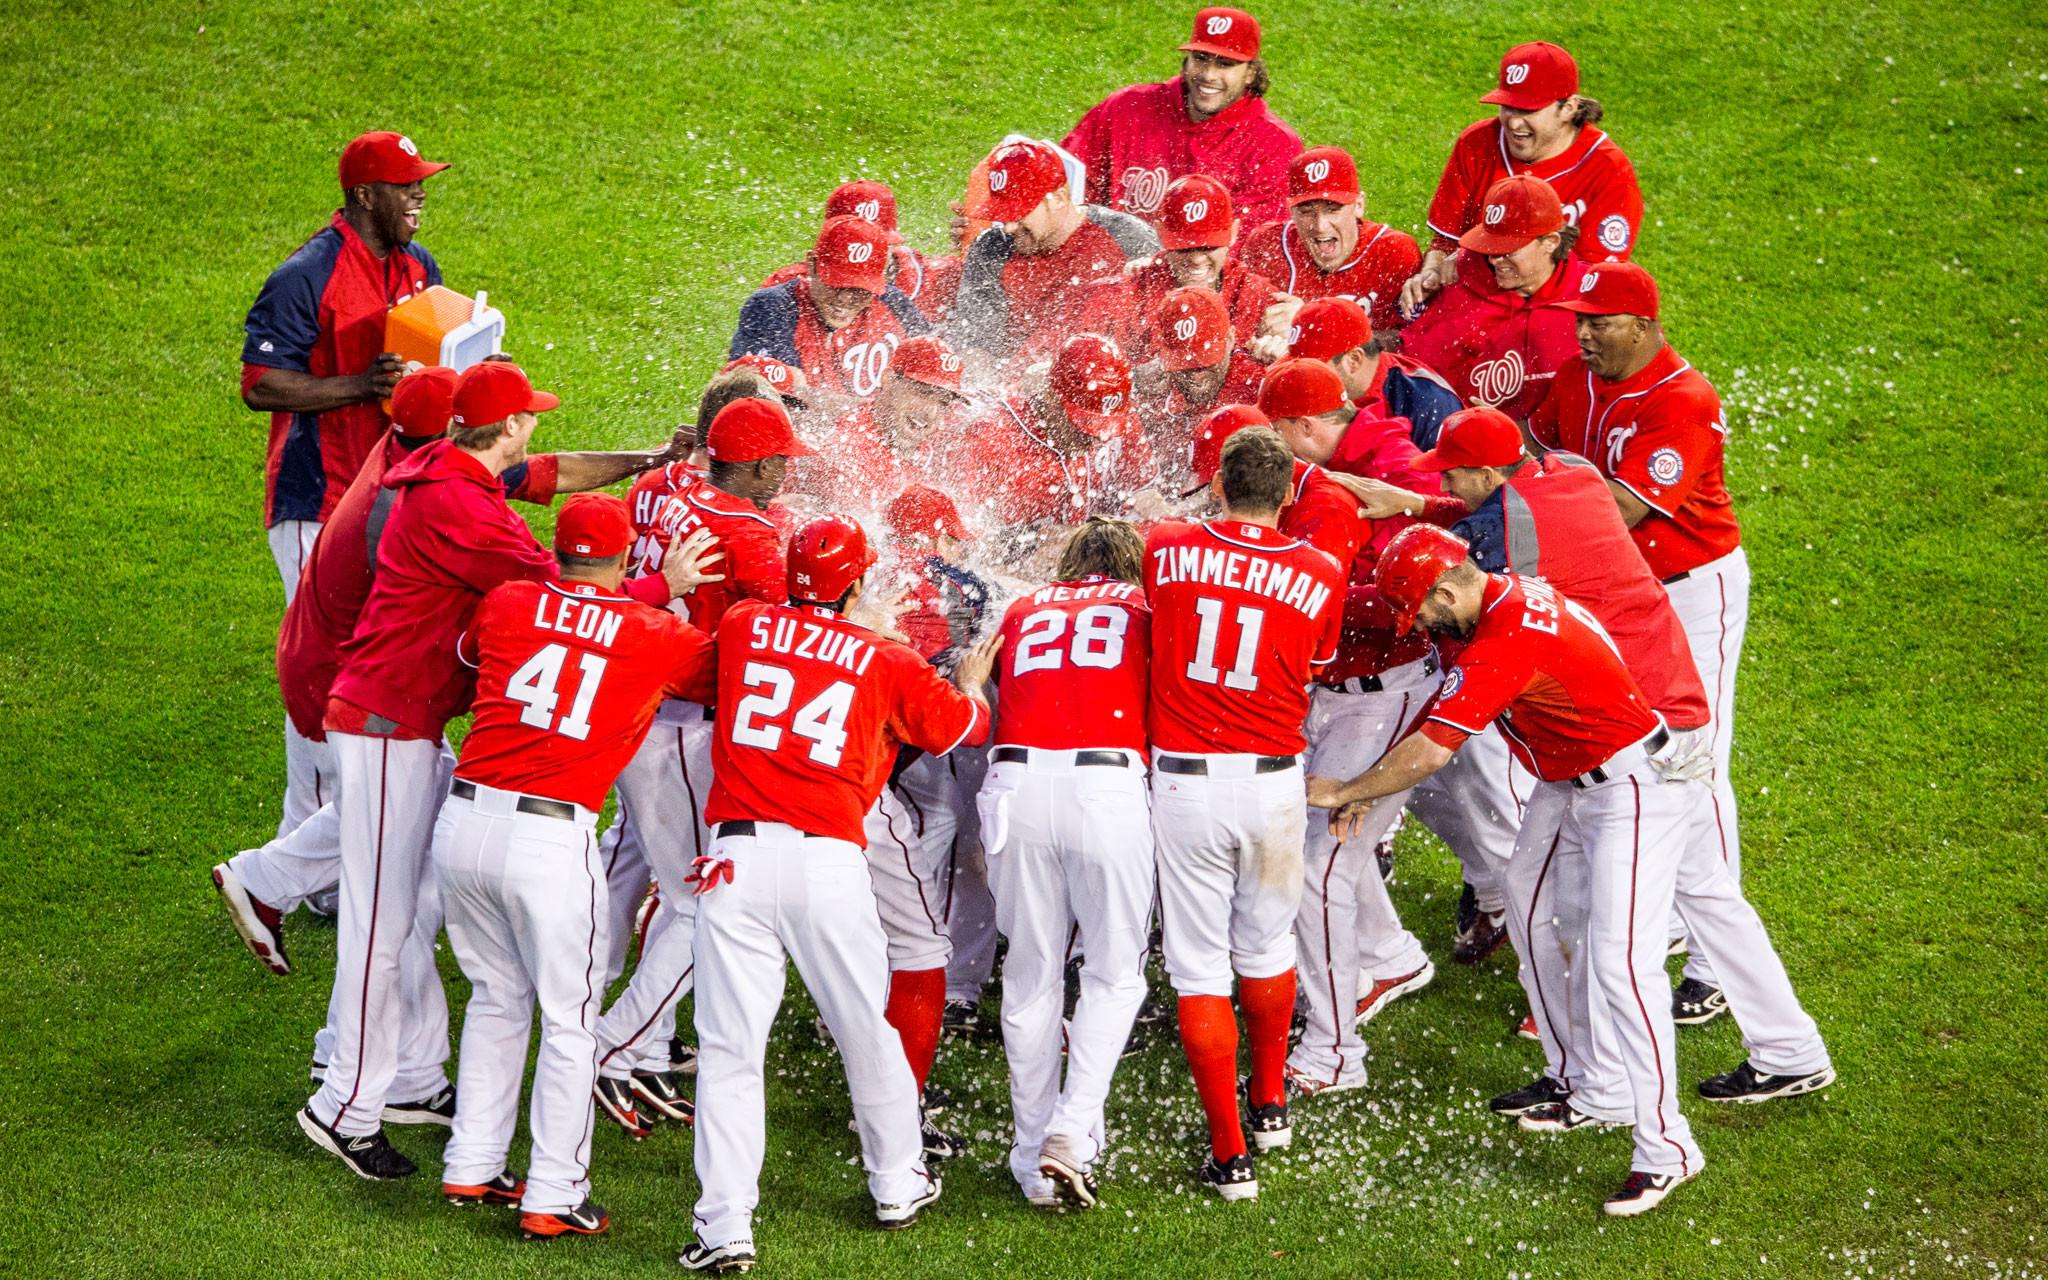 WASHINGTON NATIONALS mlb baseball (3) wallpaper | | 229449 |  WallpaperUP